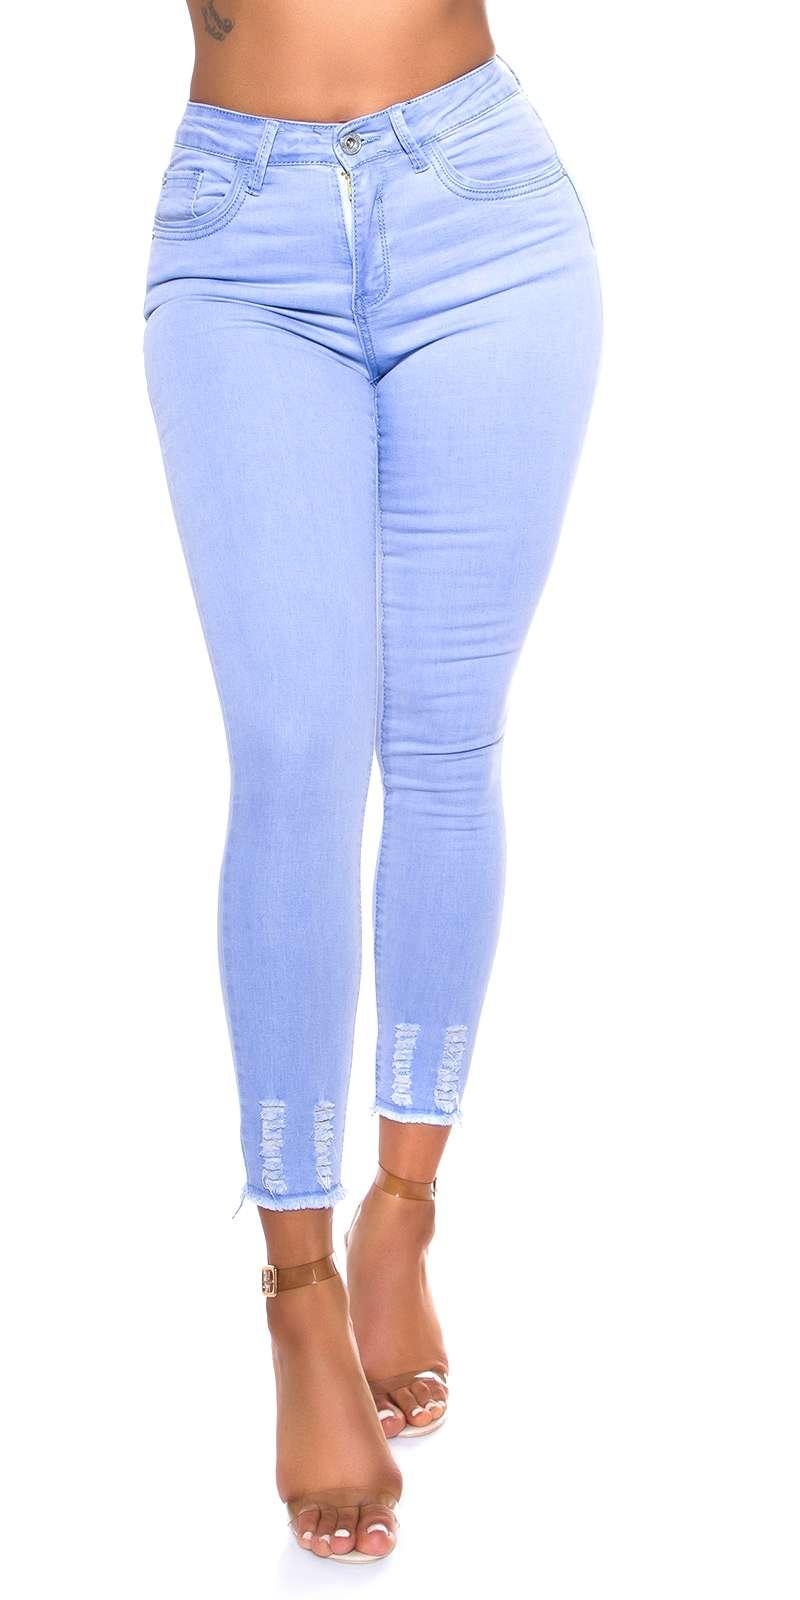 Skinny Jeans Anett